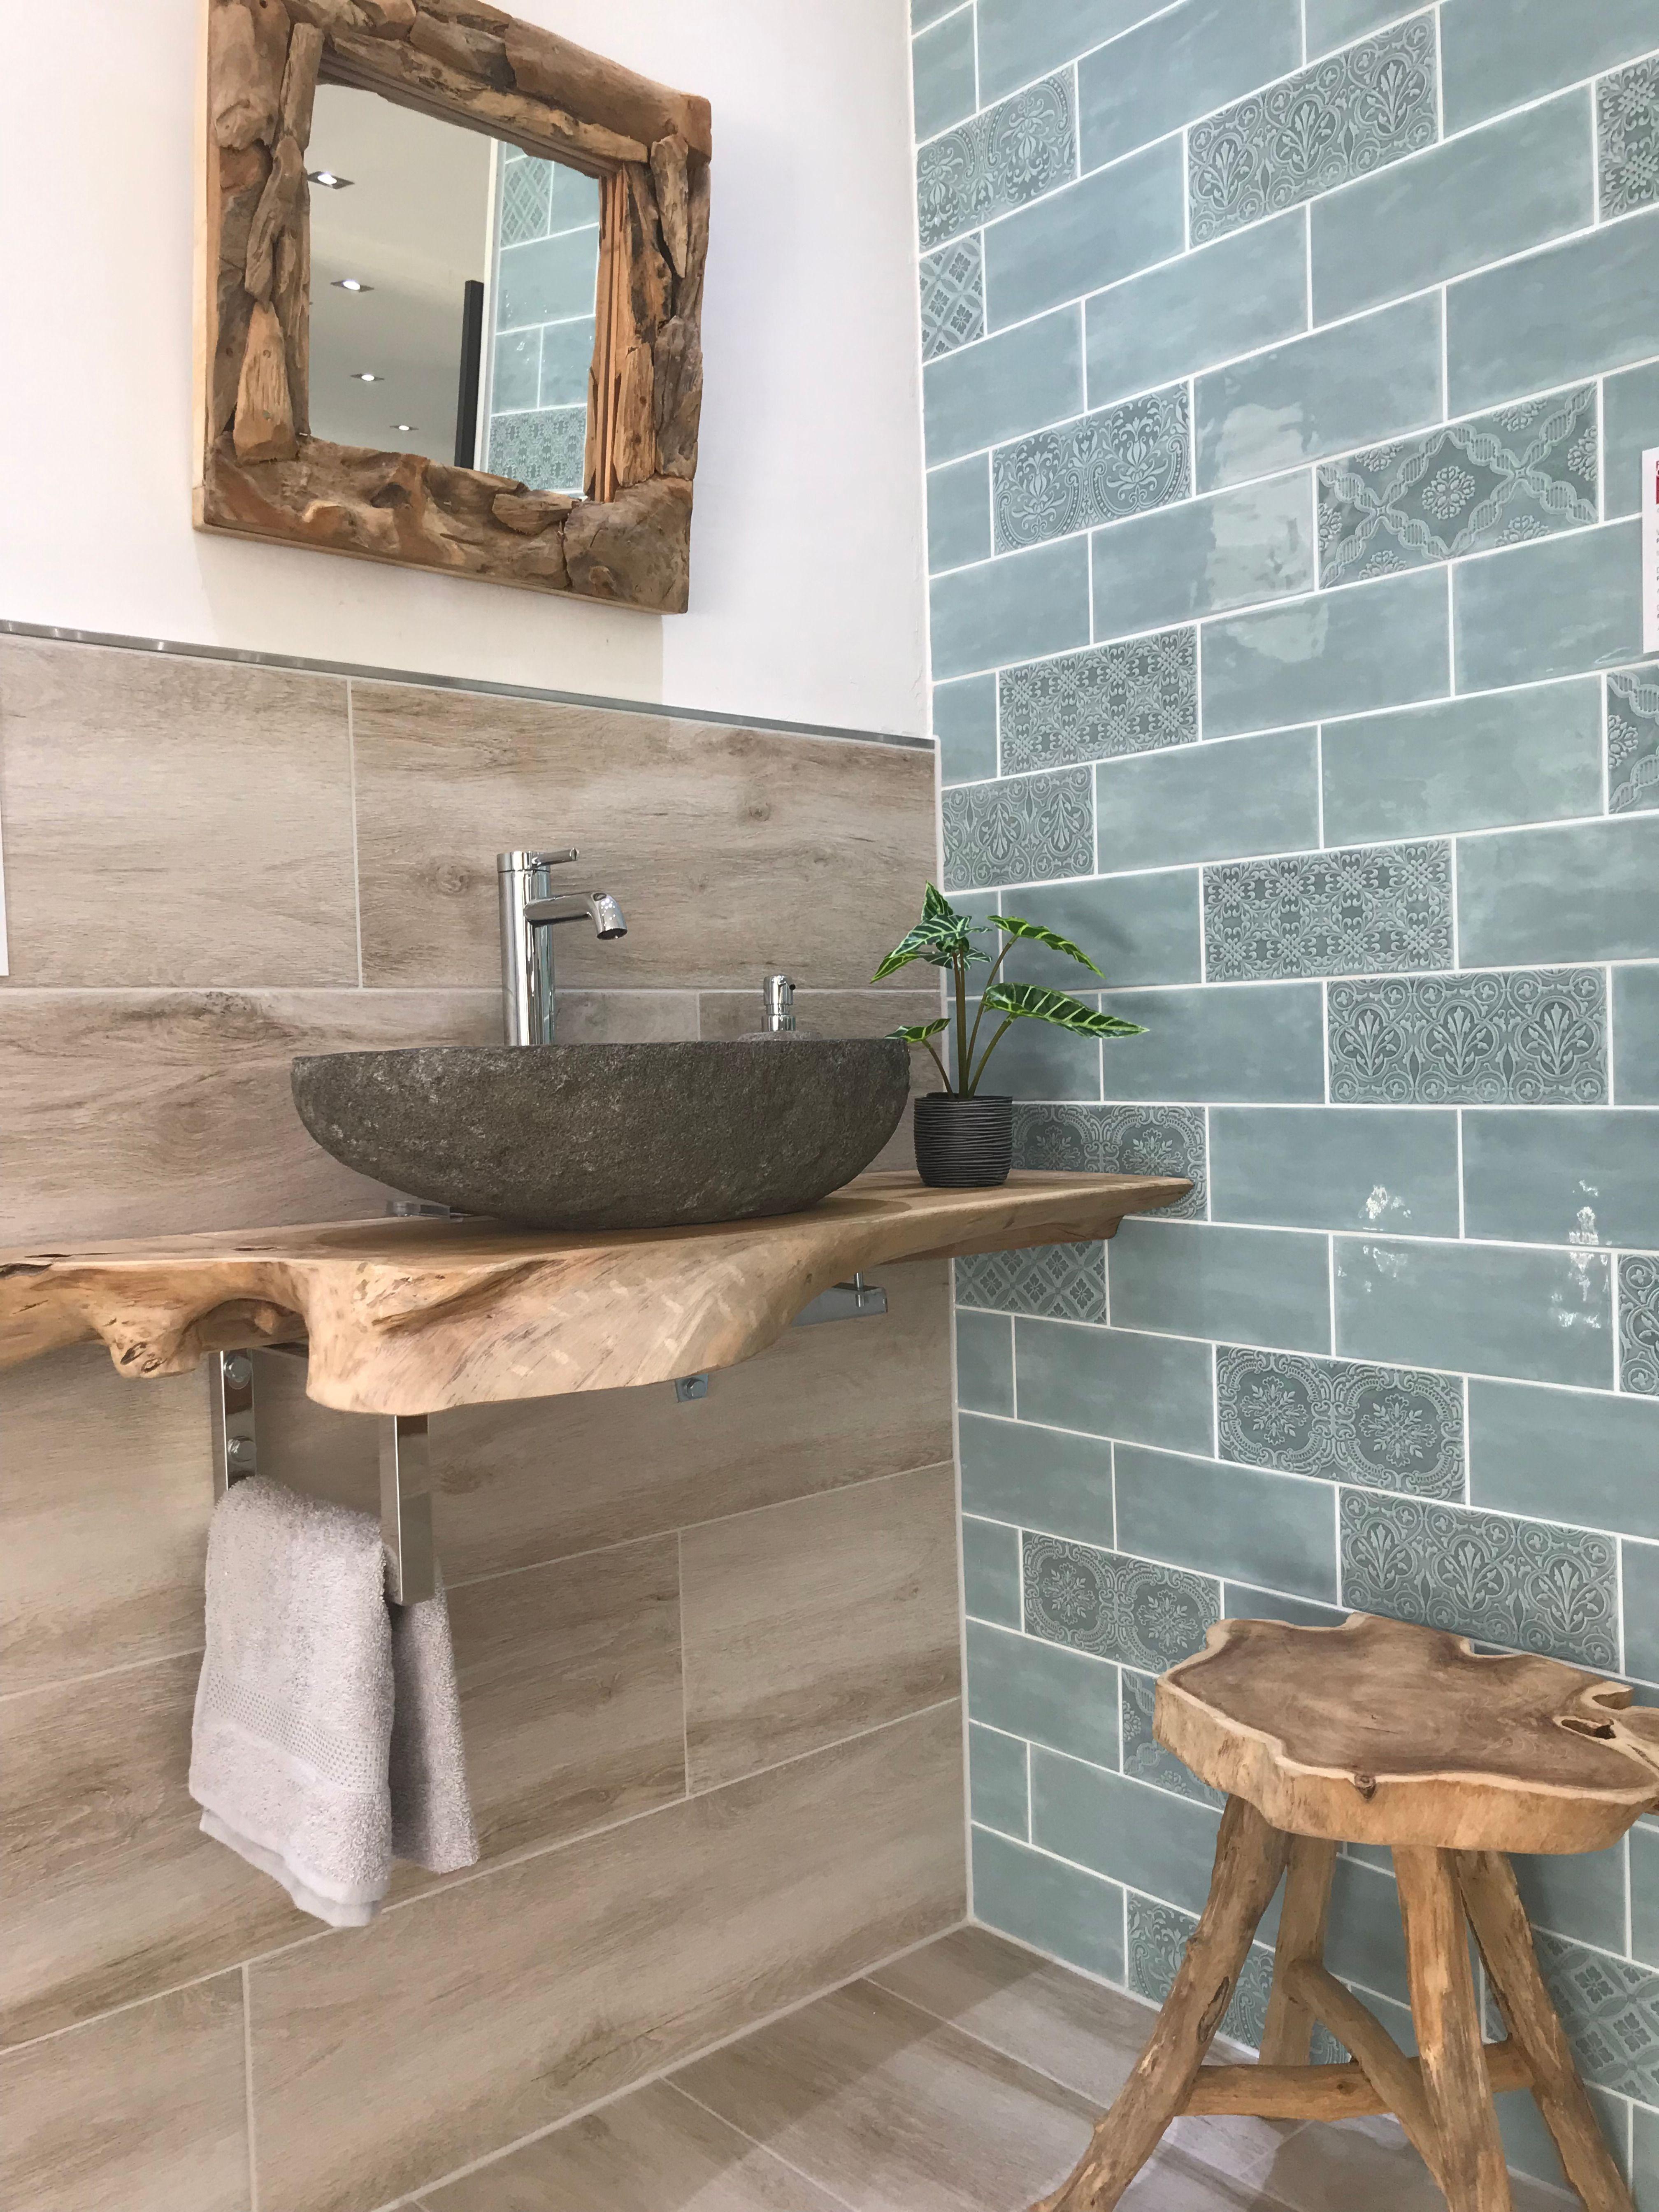 #badezimmer Metrofliesen PrimeCollection Vintage Wall, dazu eine Fliese in Holzoptik, Naturs… – badezimmer